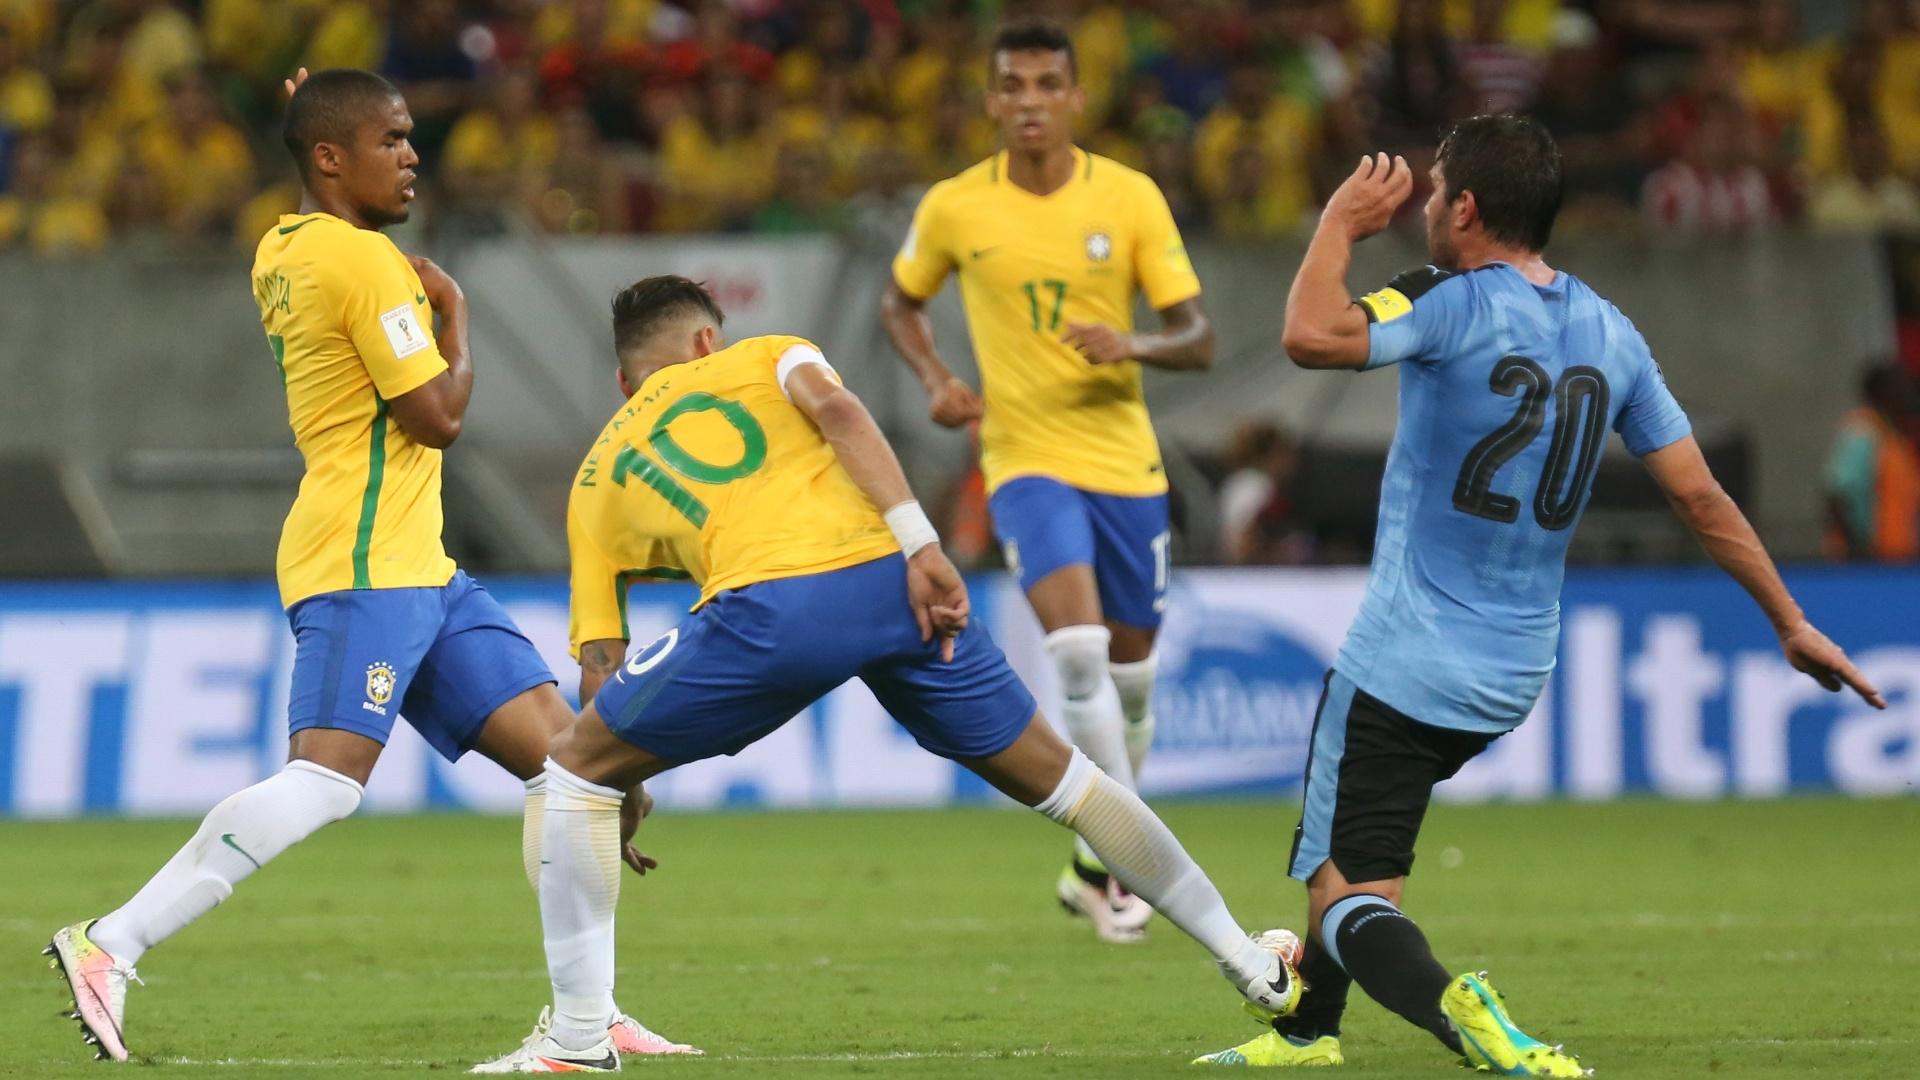 Neymar acerta adversário em falta que levaria o amarelo contra o Uruguai